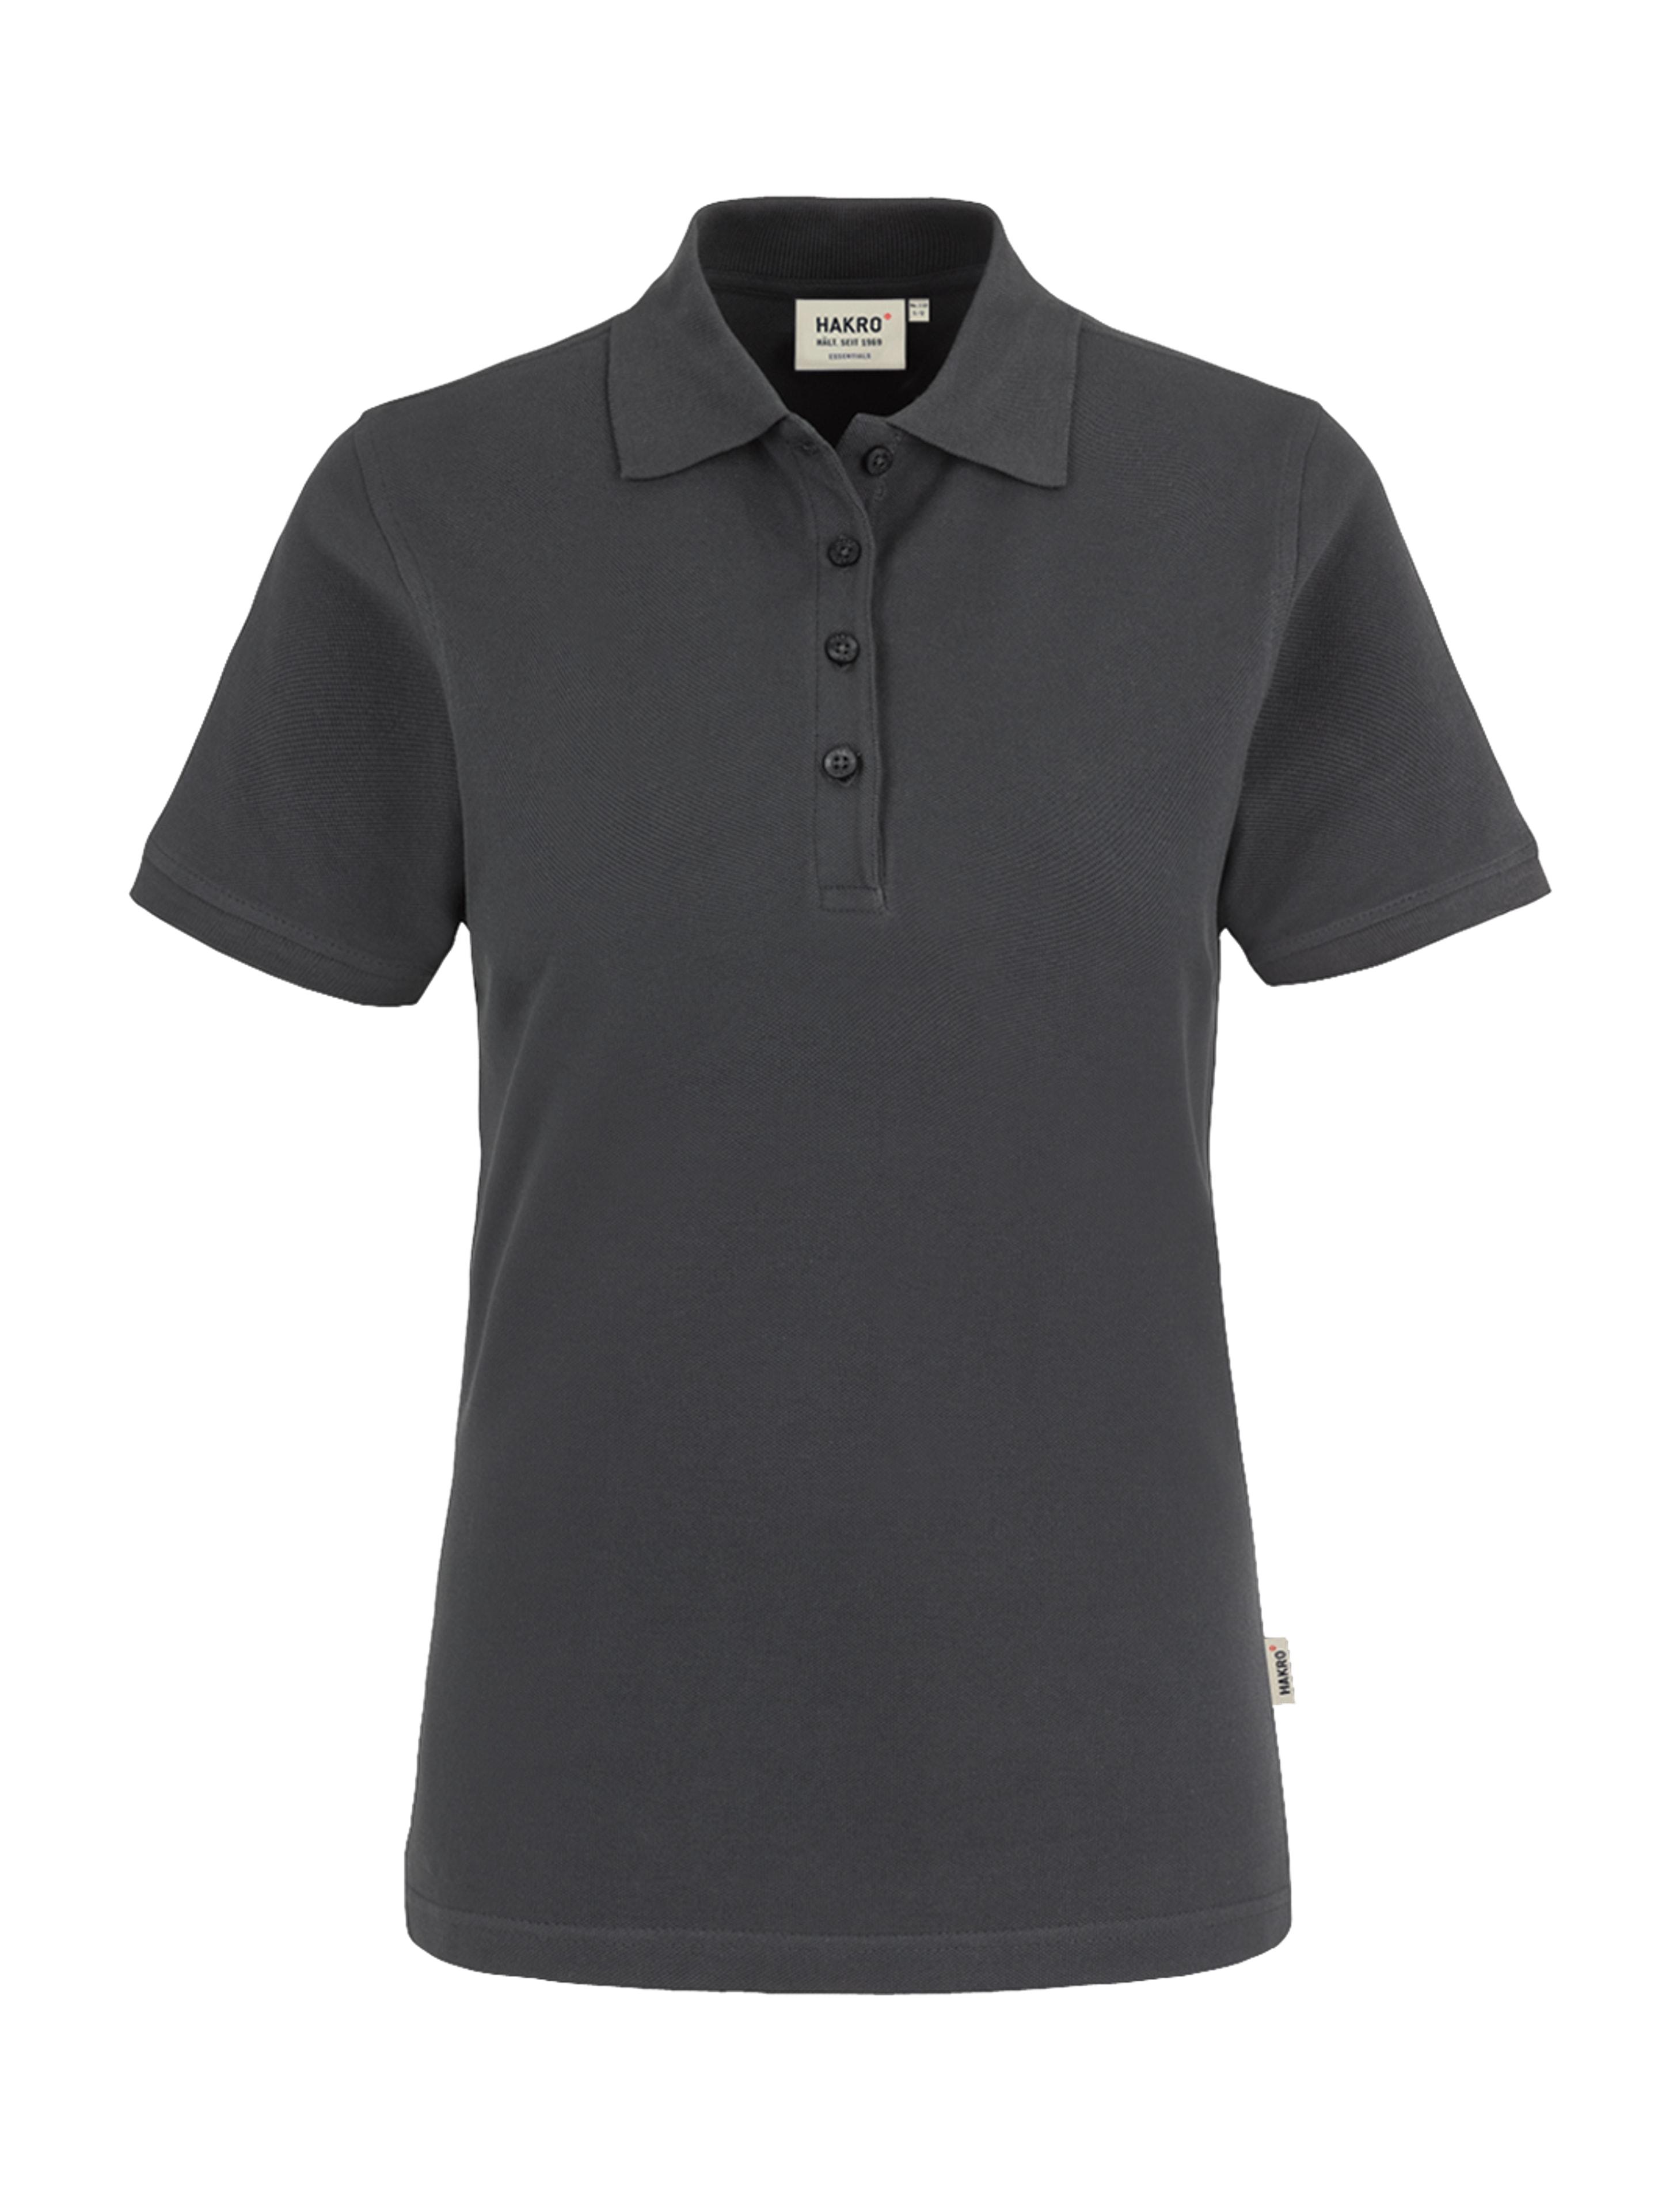 fd1fb44cf8fc70 Damen-Poloshirt